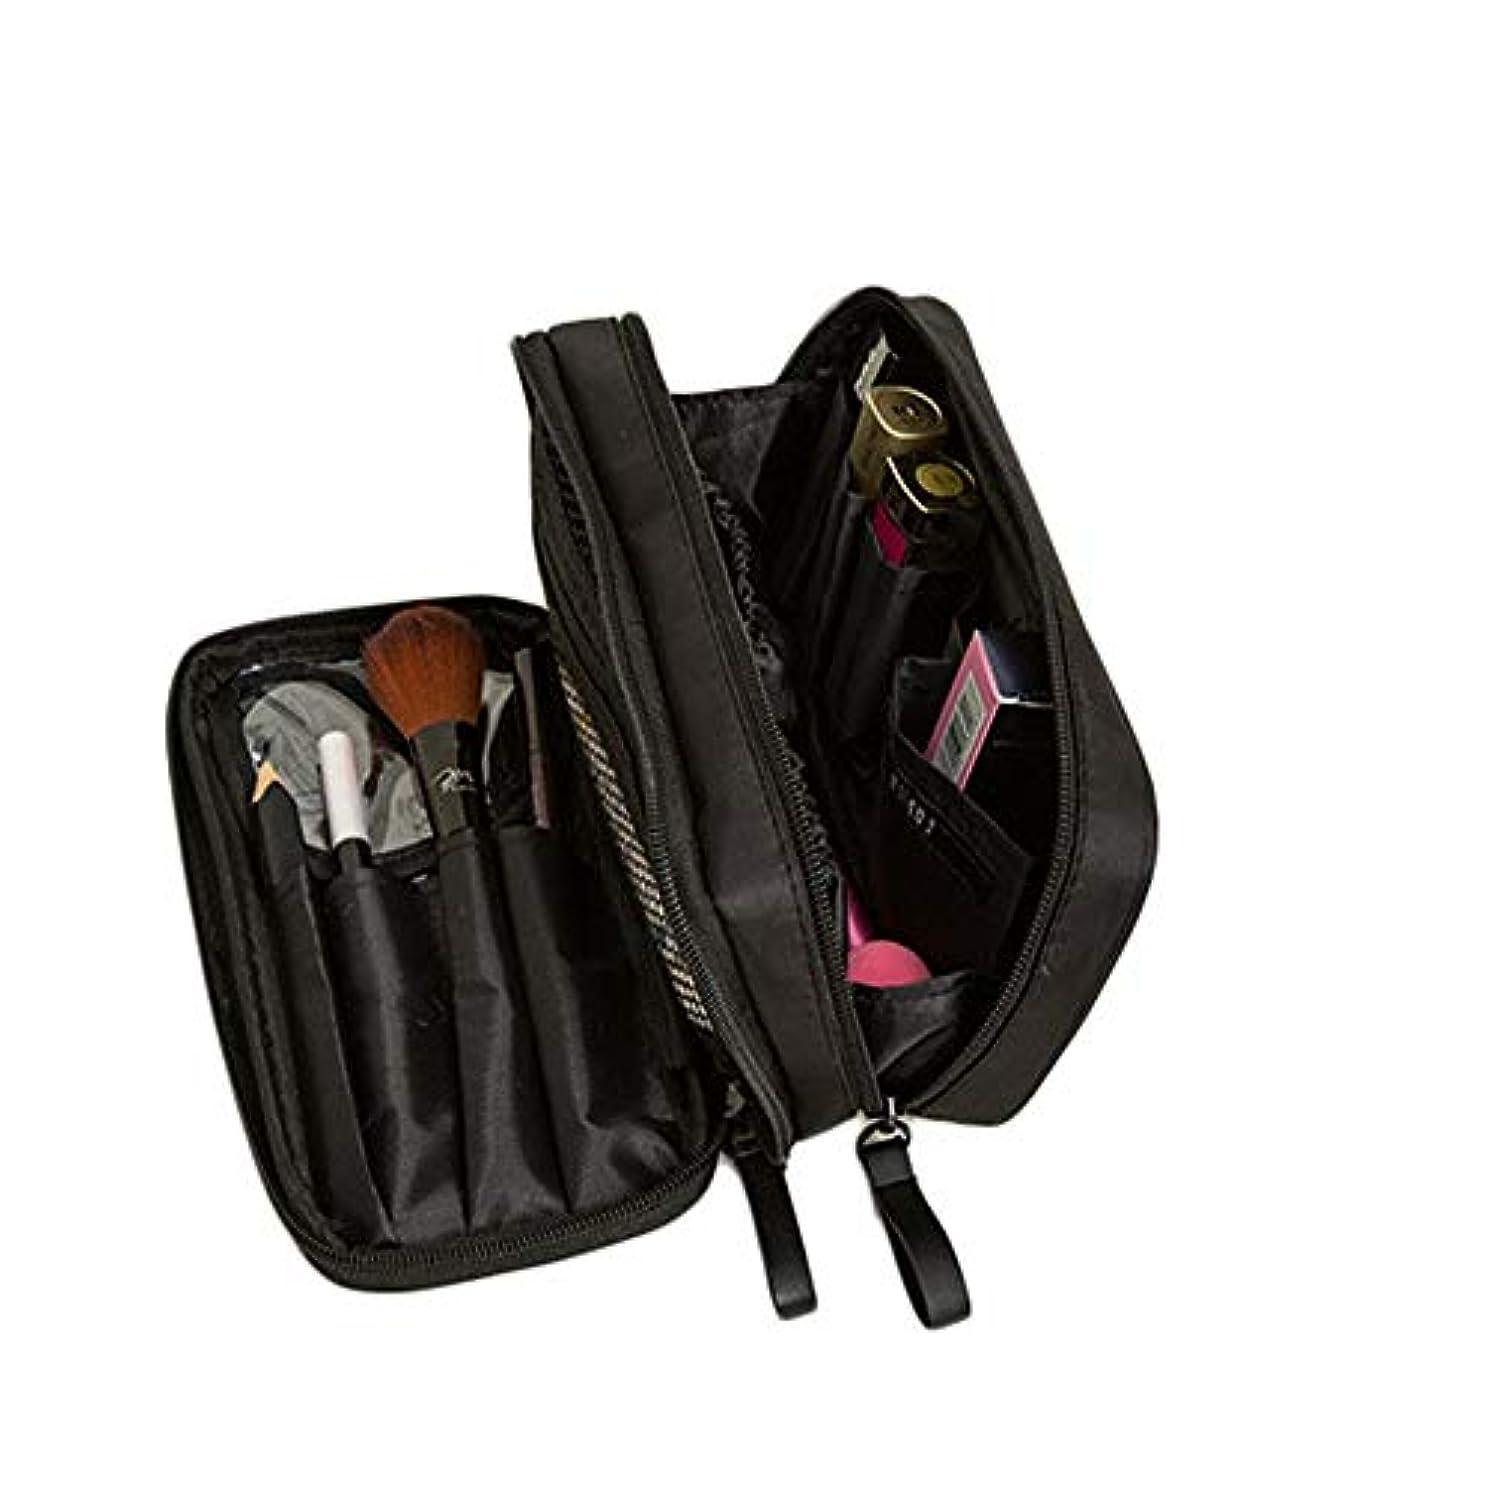 砂人気聡明特大スペース収納ビューティーボックス 携帯用化粧品袋、専門の化粧品袋の札入れの旅行者の密集した二重層化粧品/化粧品のブラシ袋の女性、旅行/電車セットの貯蔵袋。 化粧品化粧台 (色 : ブラック)